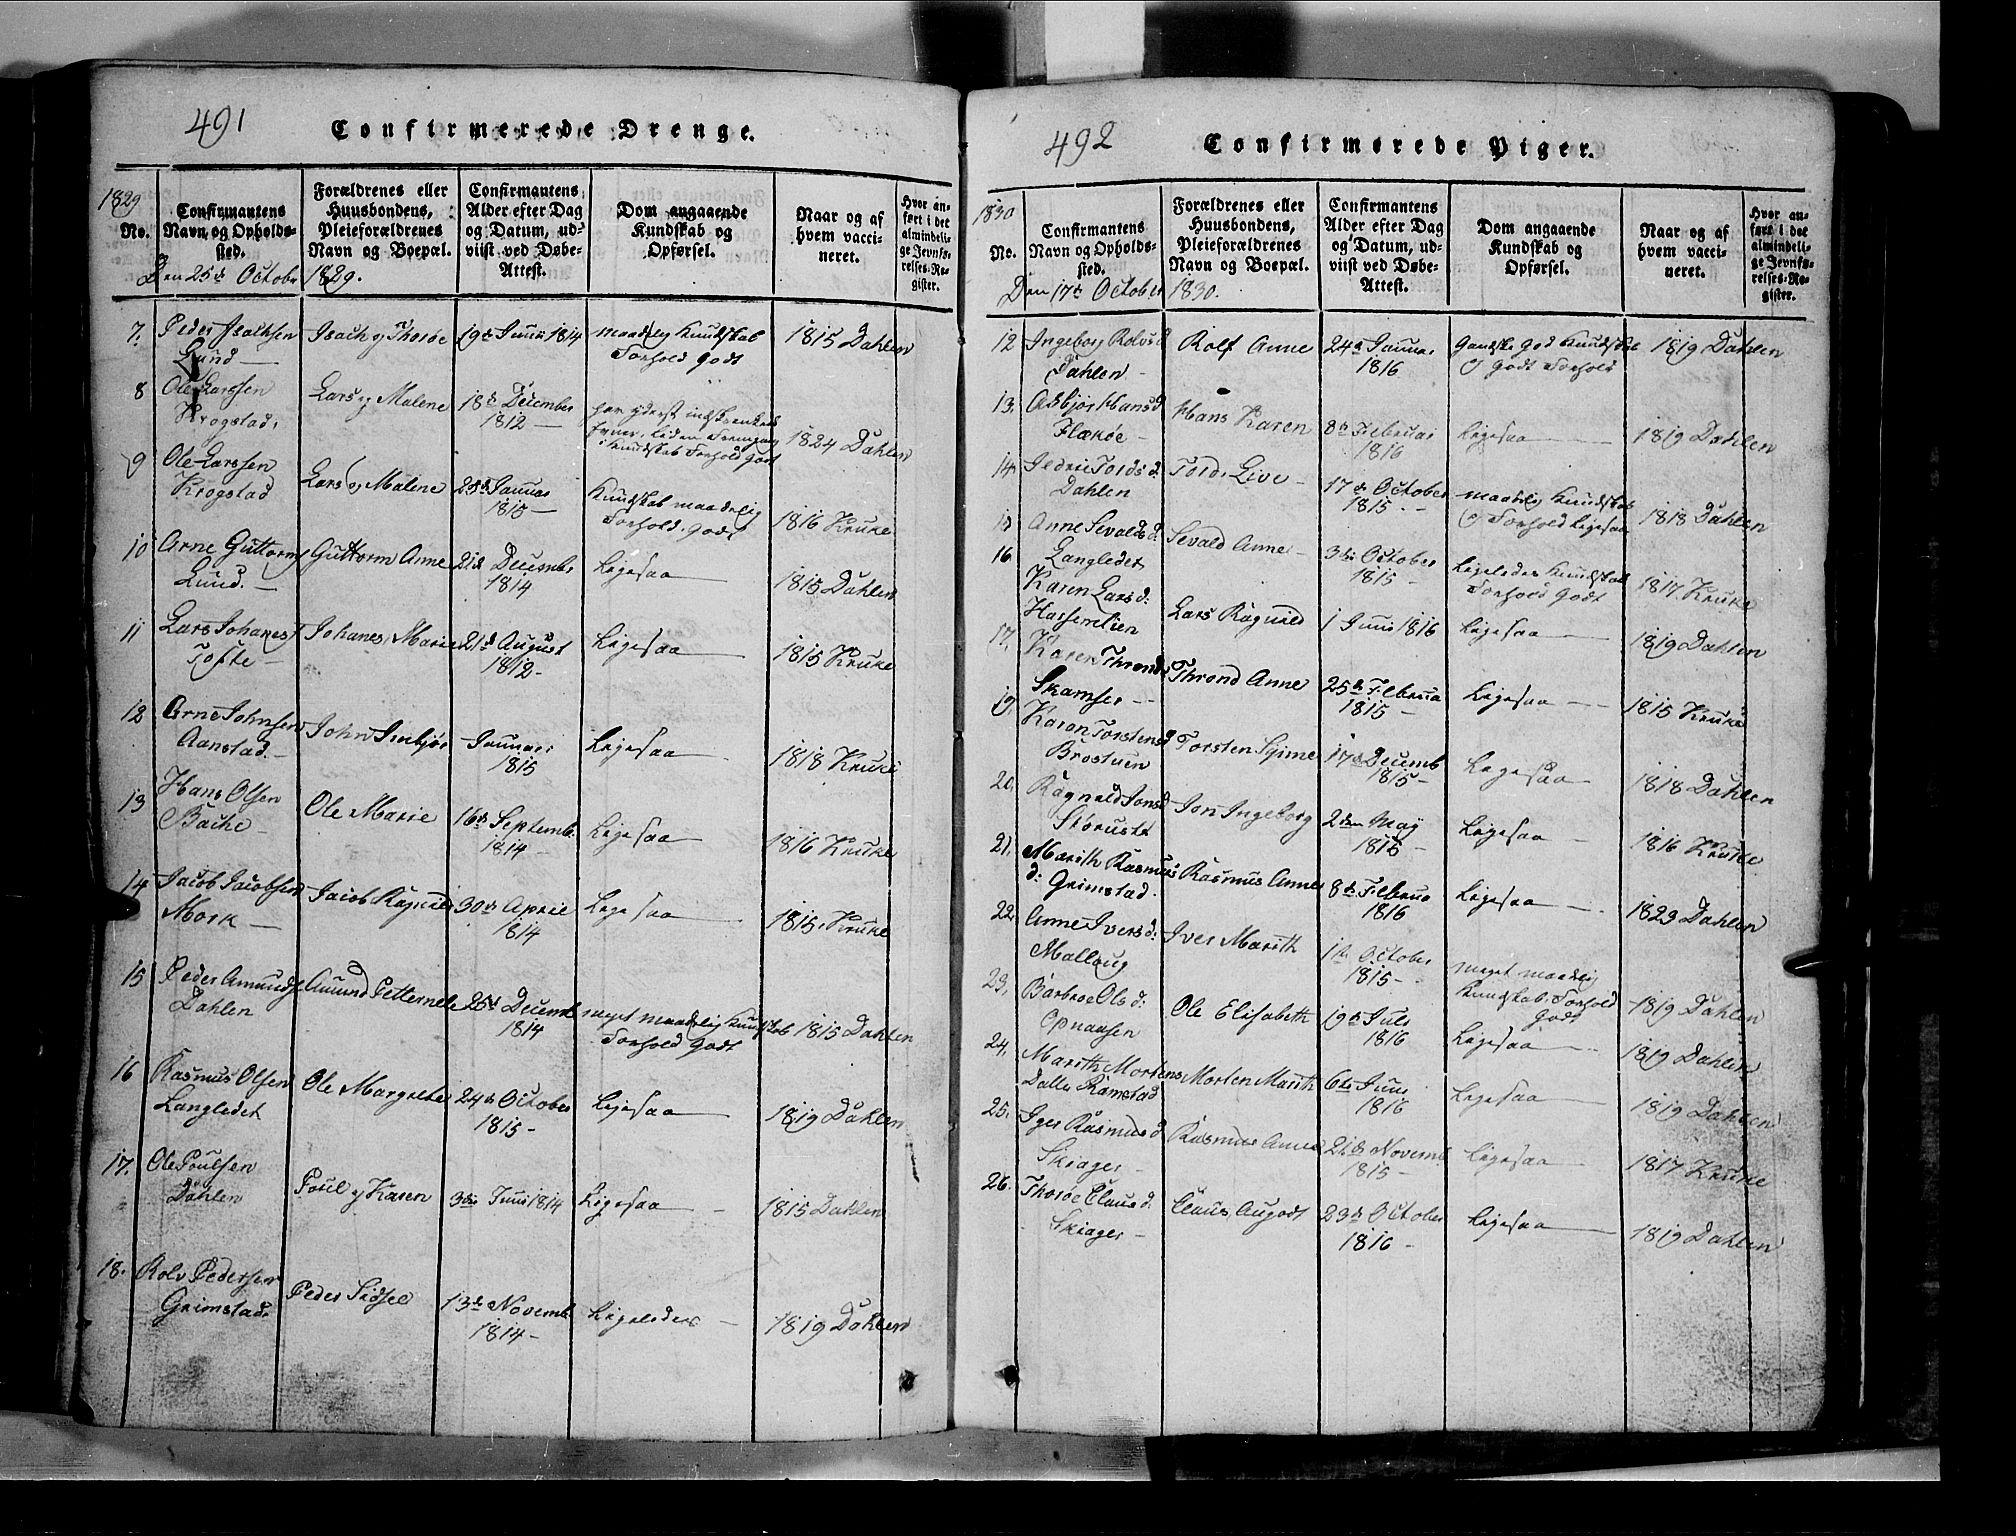 SAH, Lom prestekontor, L/L0003: Klokkerbok nr. 3, 1815-1844, s. 491-492